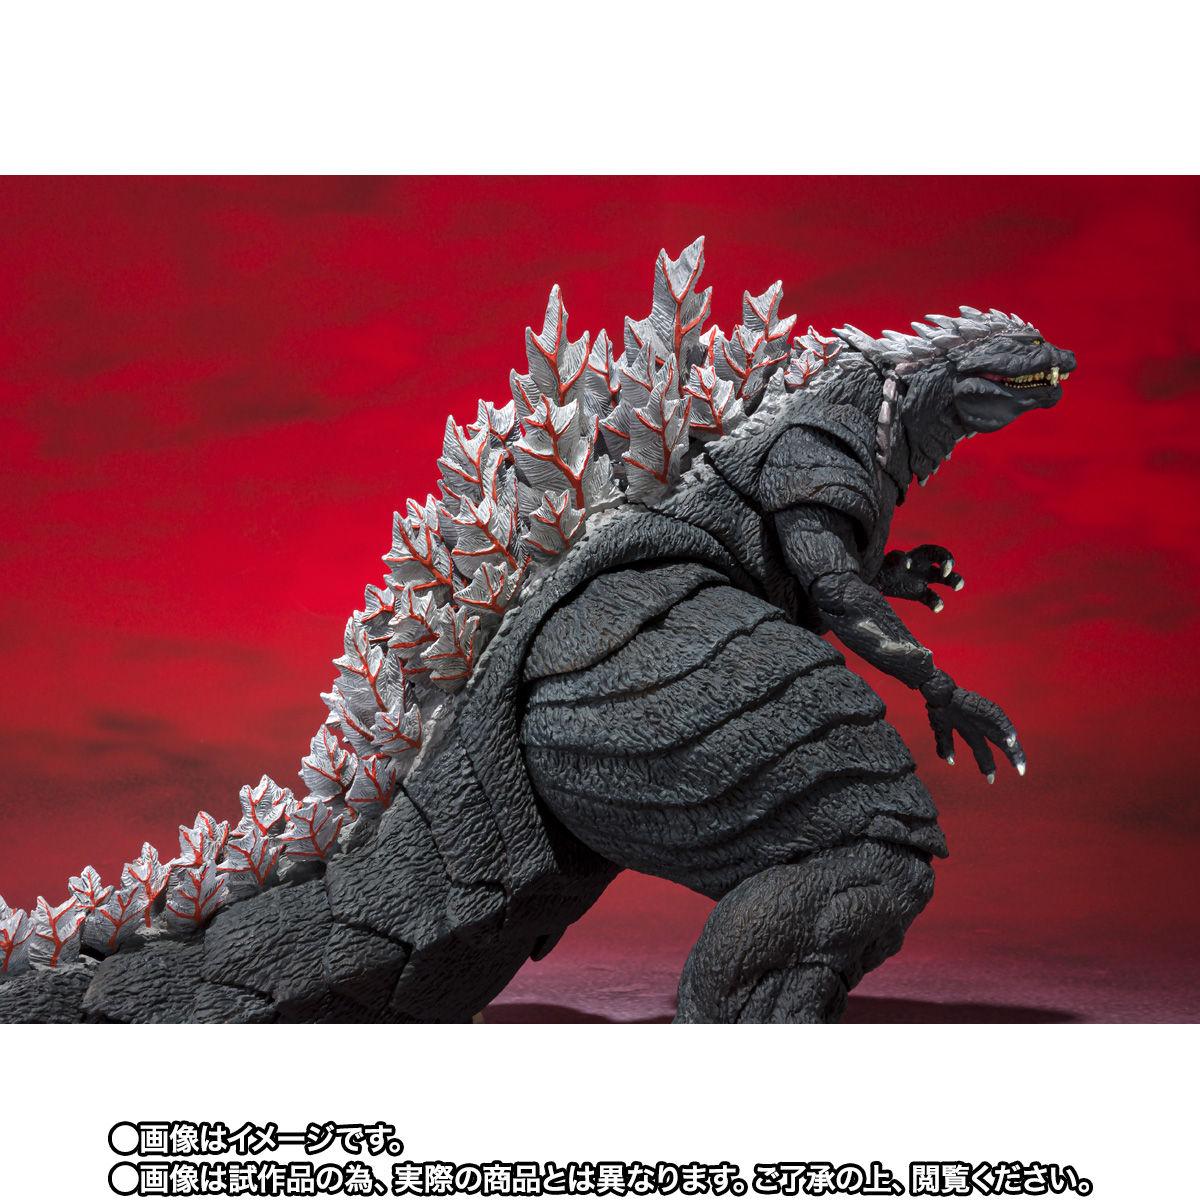 【限定販売】S.H.MonsterArts『ゴジラウルティマ』ゴジラS.P 可動フィギュア-007